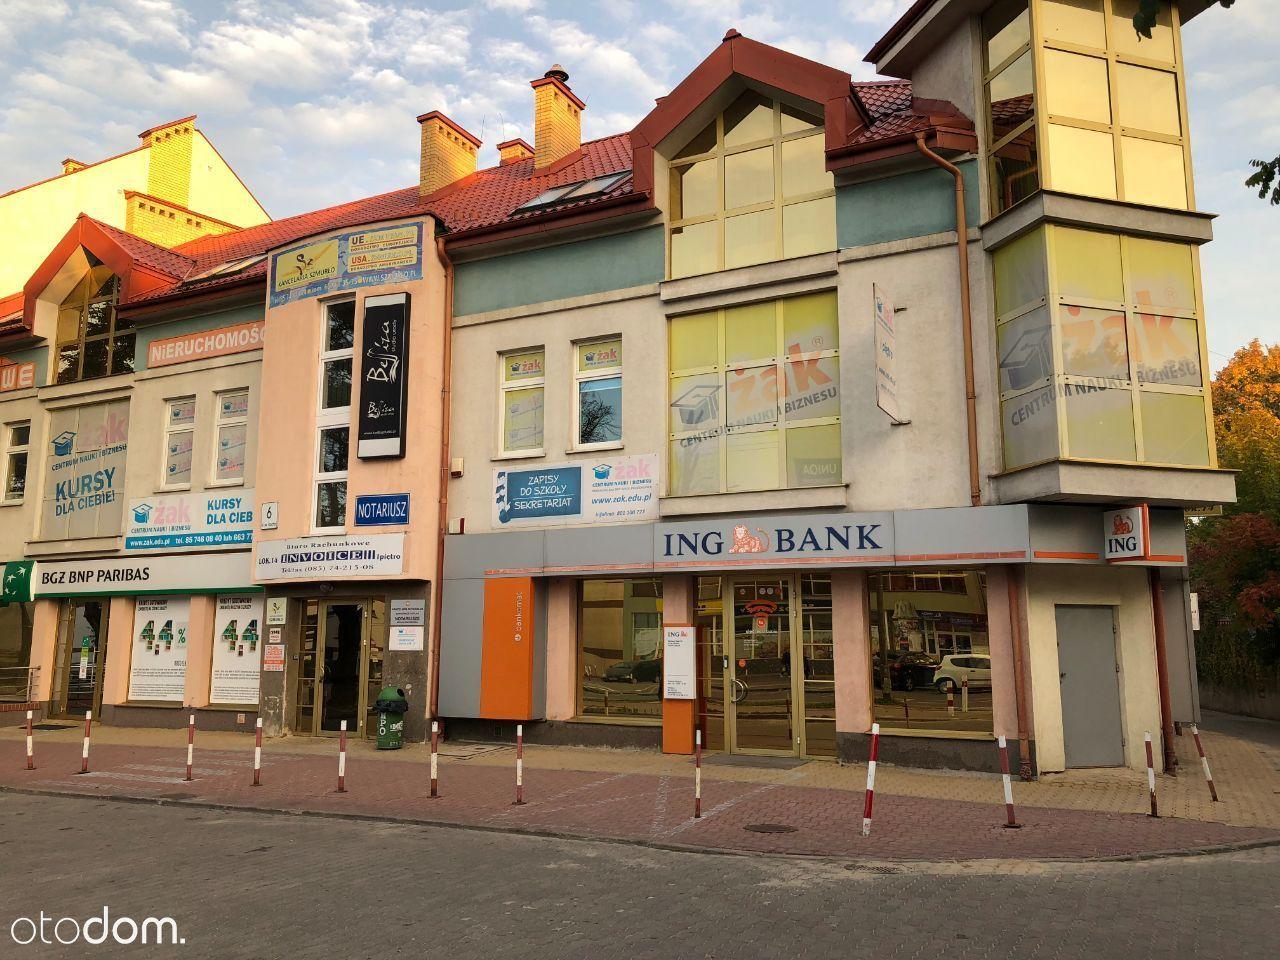 Lokal usługowy w centrum Białegostoku